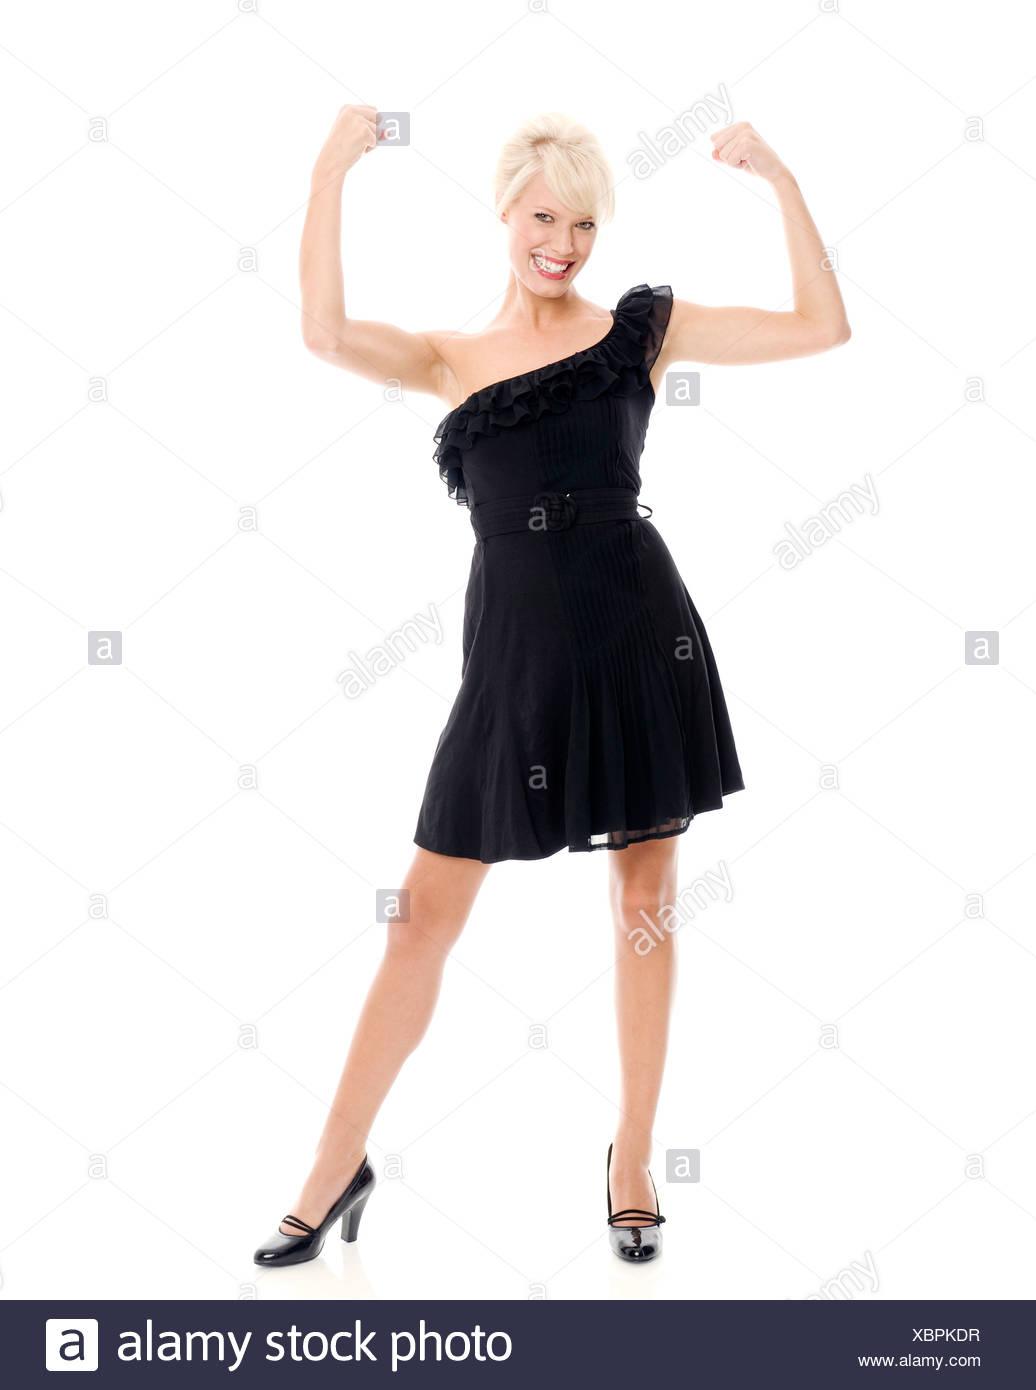 femme-portant-un-une-epaule-petite-robe-noire-avec-des-volants-et -des-chaussures-noires-bras-flechis-poings-serres-xbpkdr.jpg 2a244db5571